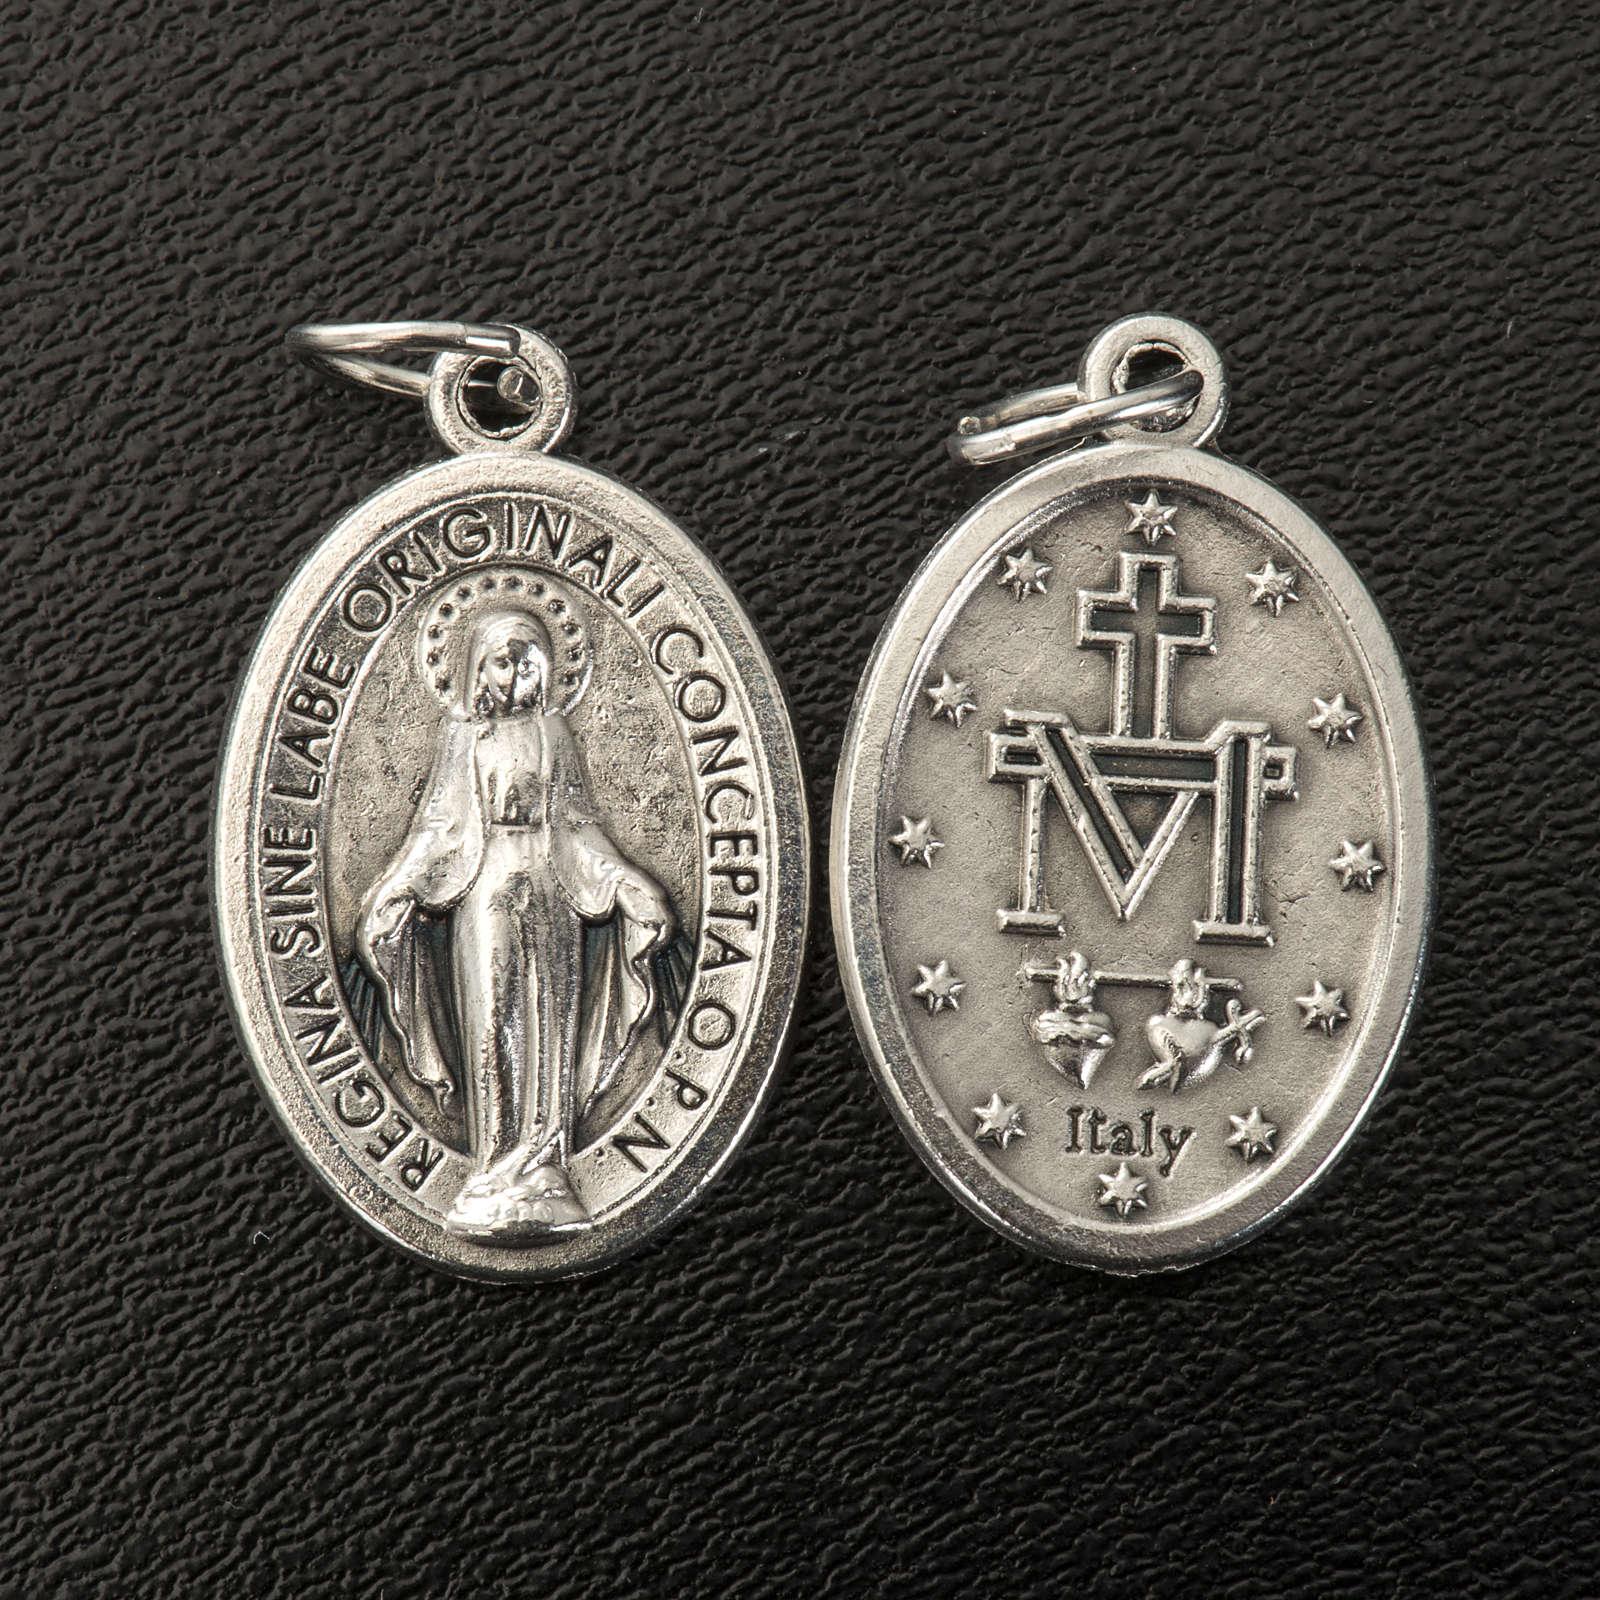 Medaglia Miracolosa ovale metallo argentato h 21 mm 4